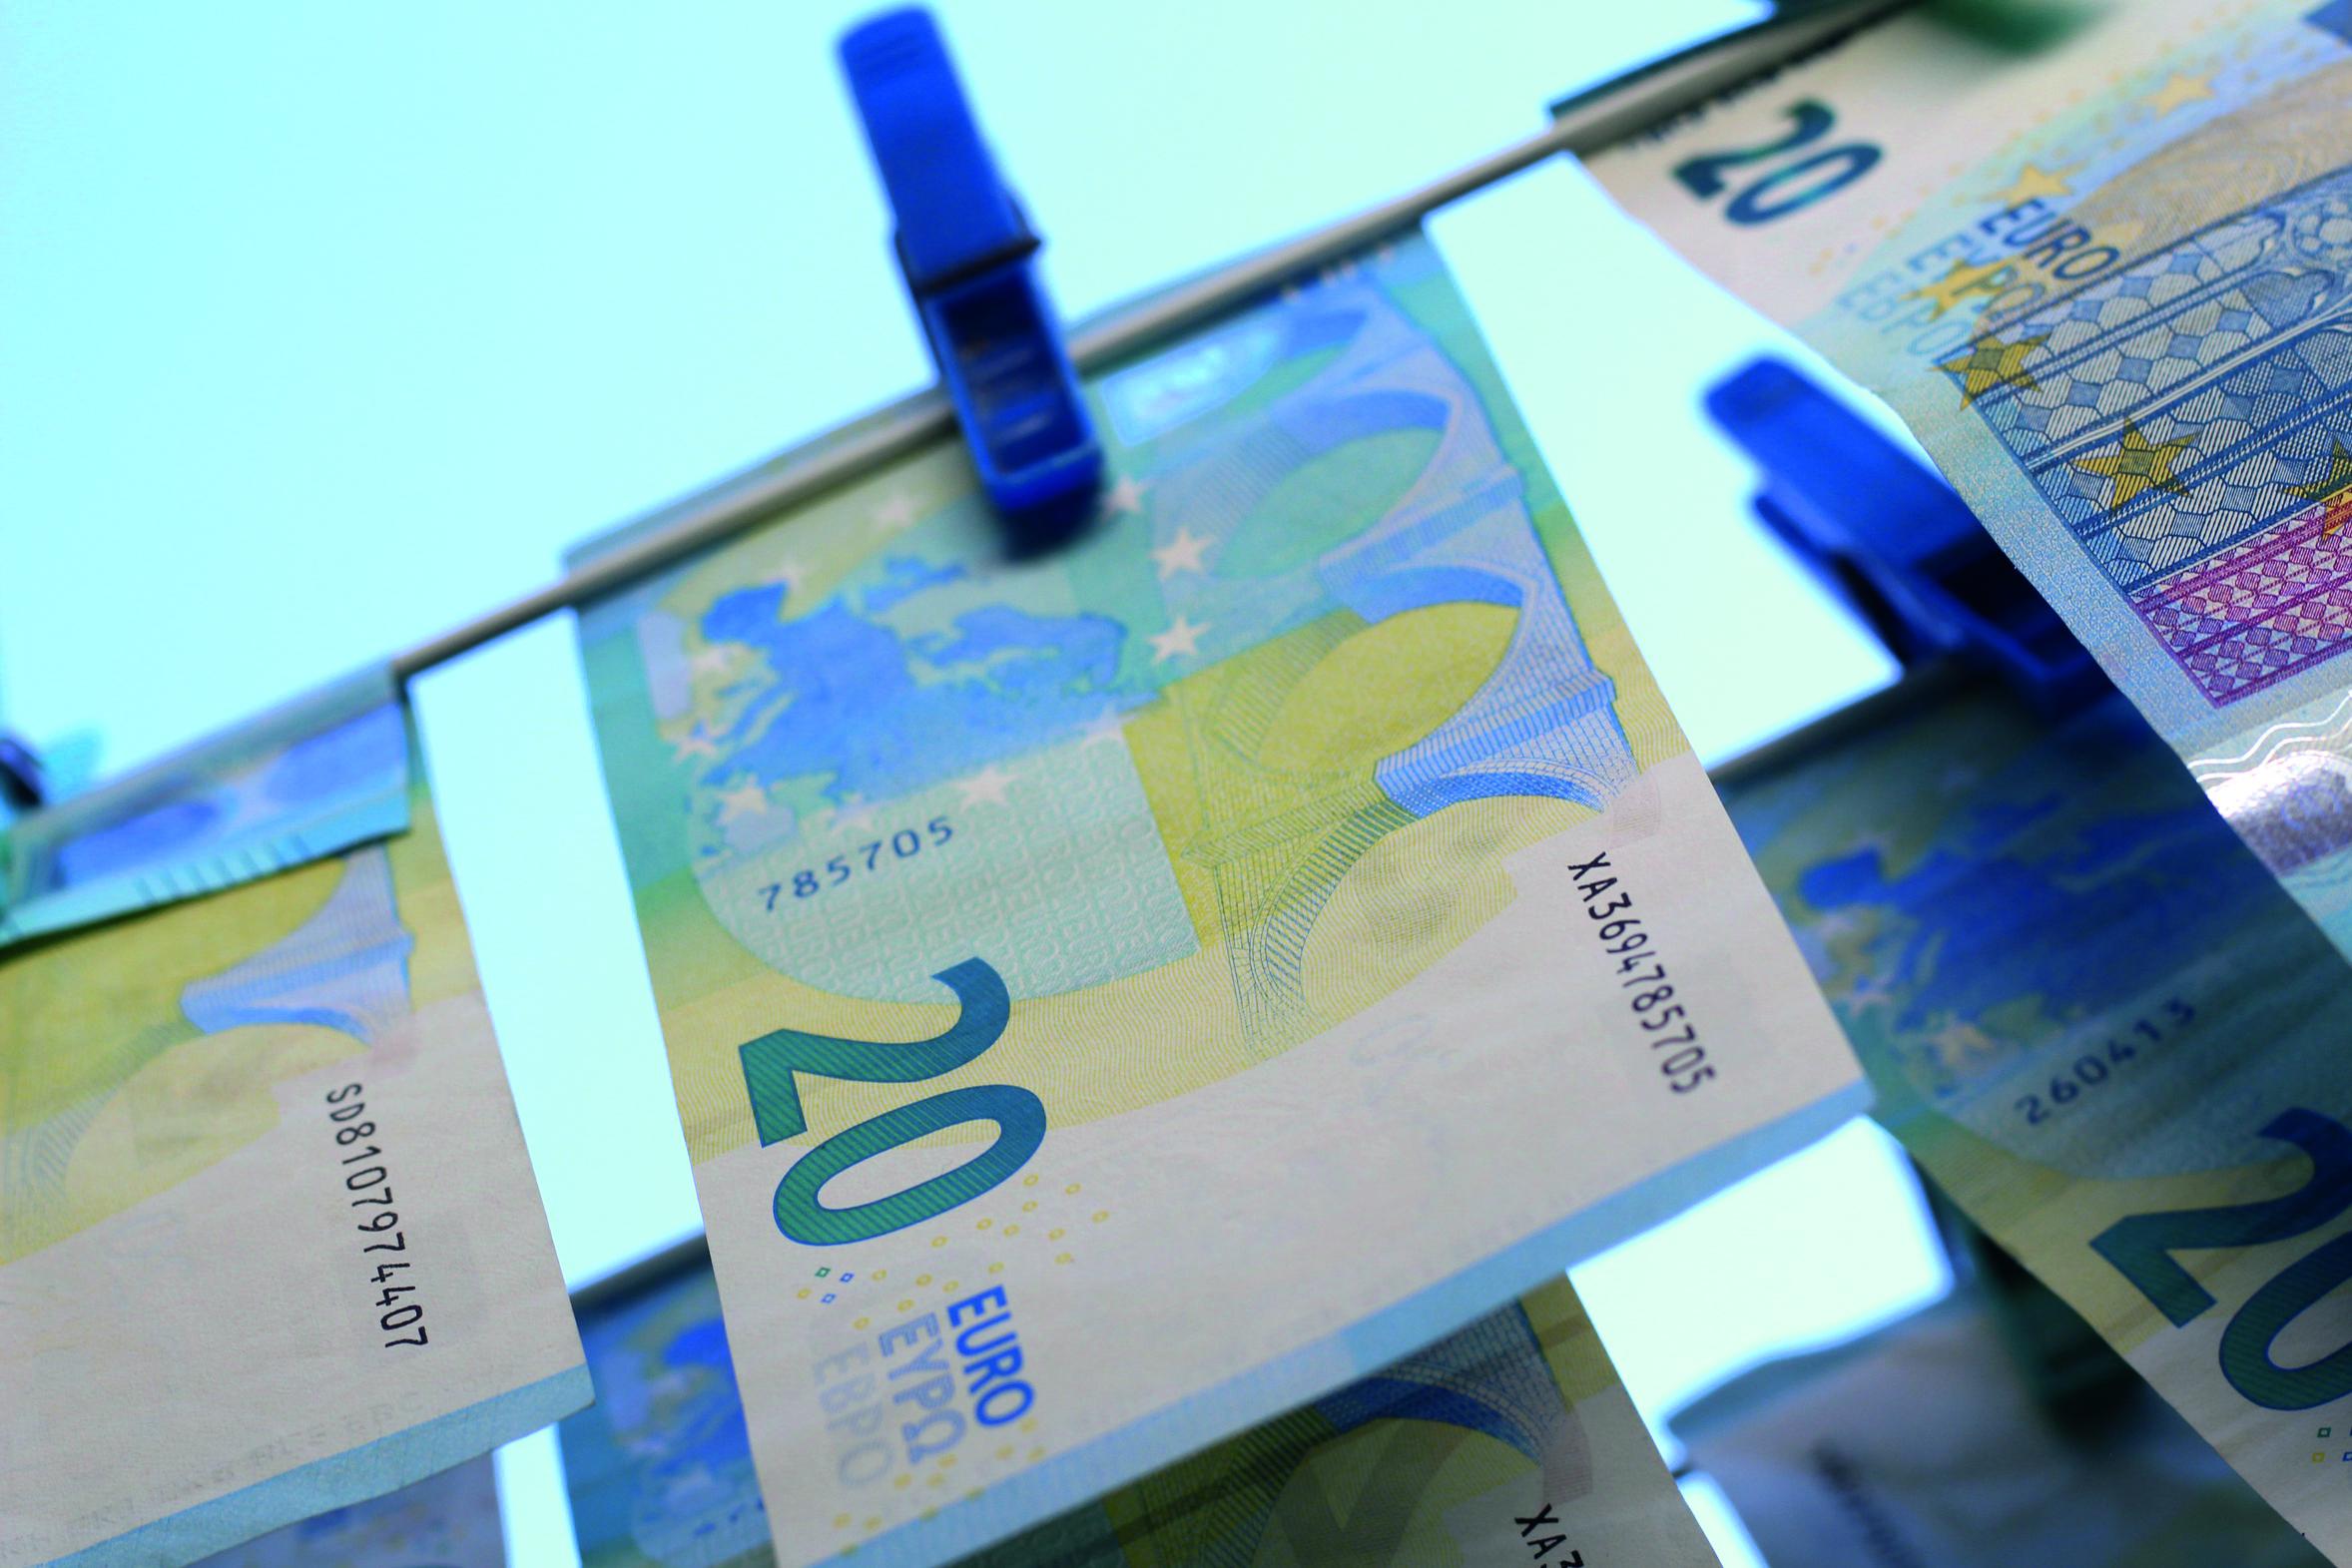 Abbildung zeigt Geldscheine an einer Wäscheleine